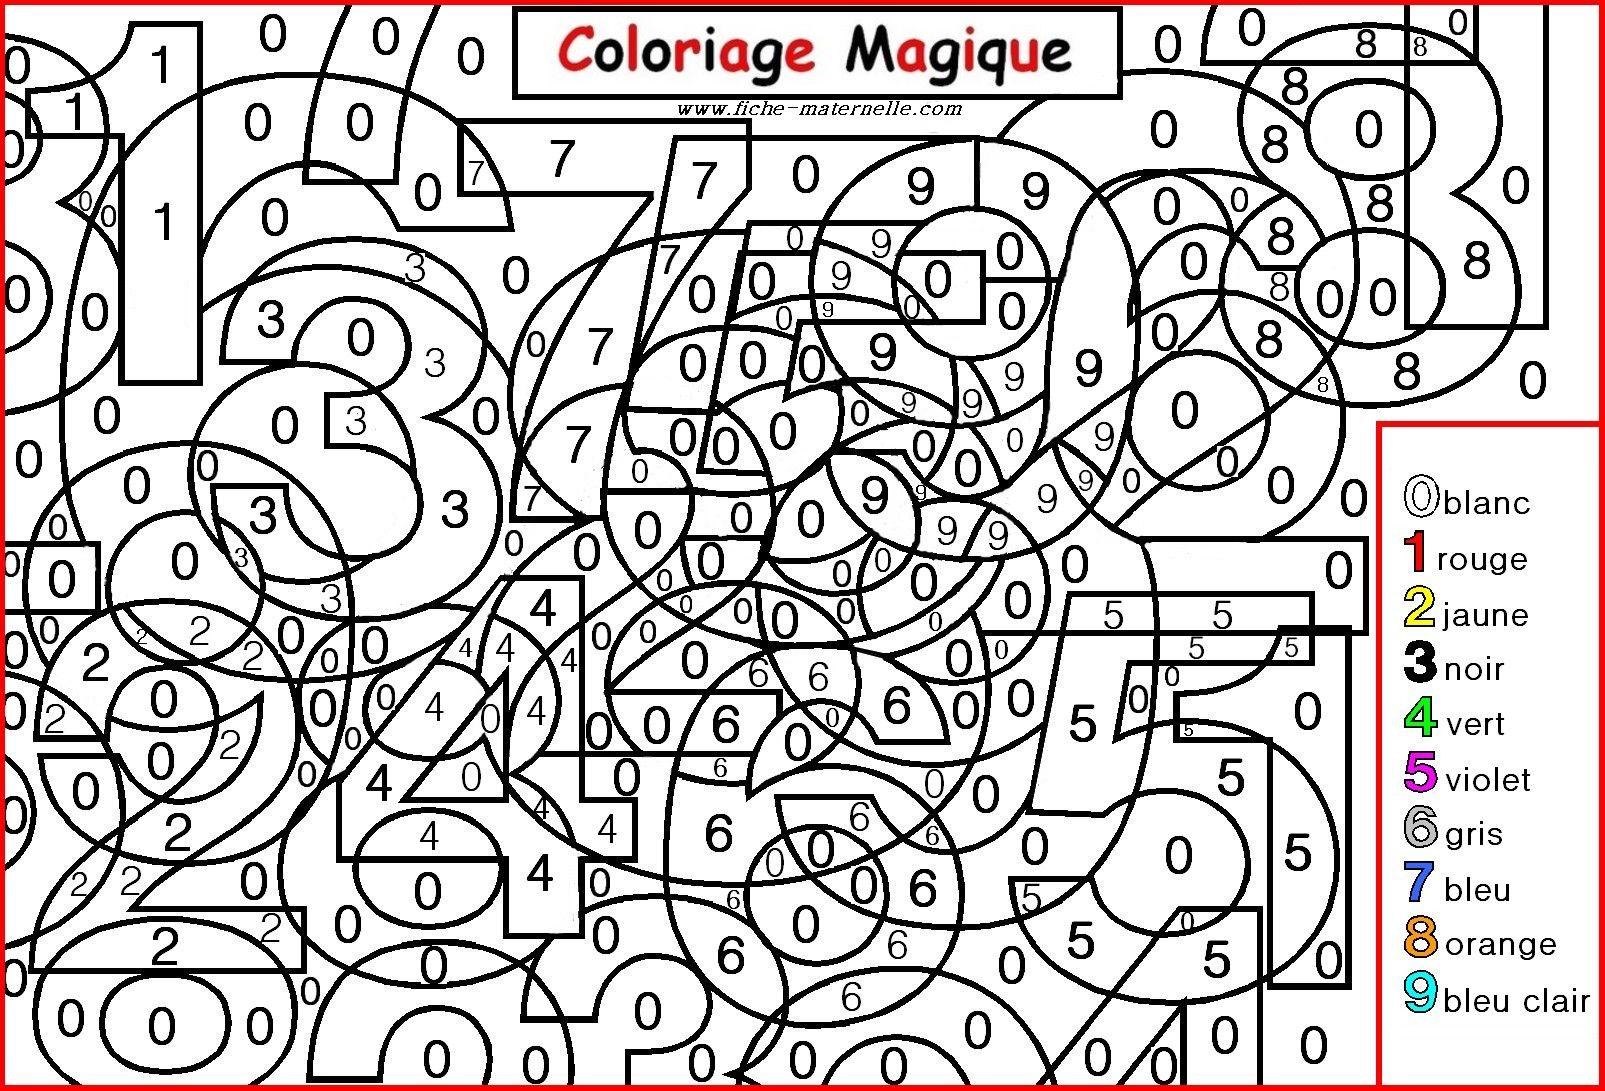 Coloriage Magique Pour Les Plus Petits Les Chiffres Coloriage Magique Coloriage Chiffre Coloriage Magique A Imprimer